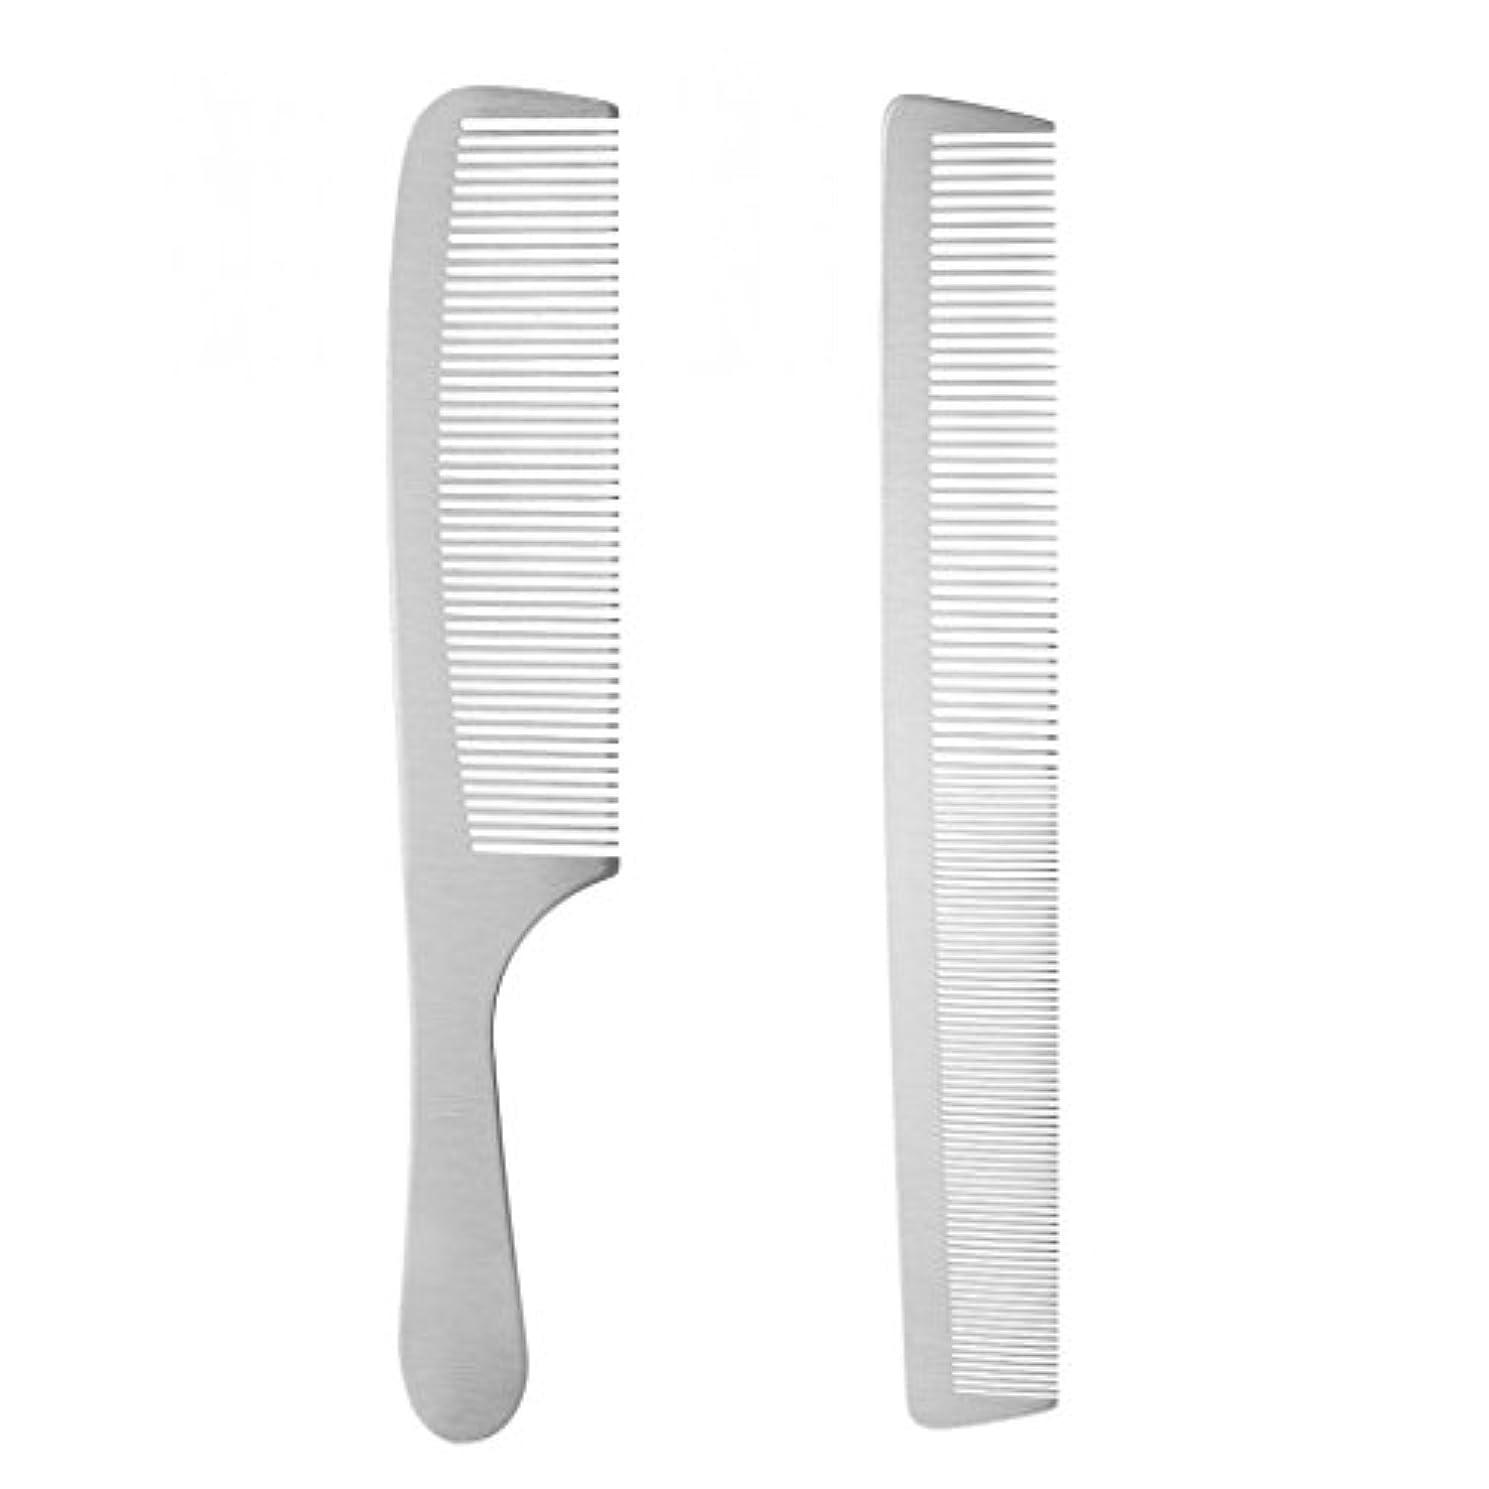 アクロバット永久繊毛2倍美容院ヘアカットツールヘアスタイリングブラシヘアスタイリングくし理容ツール